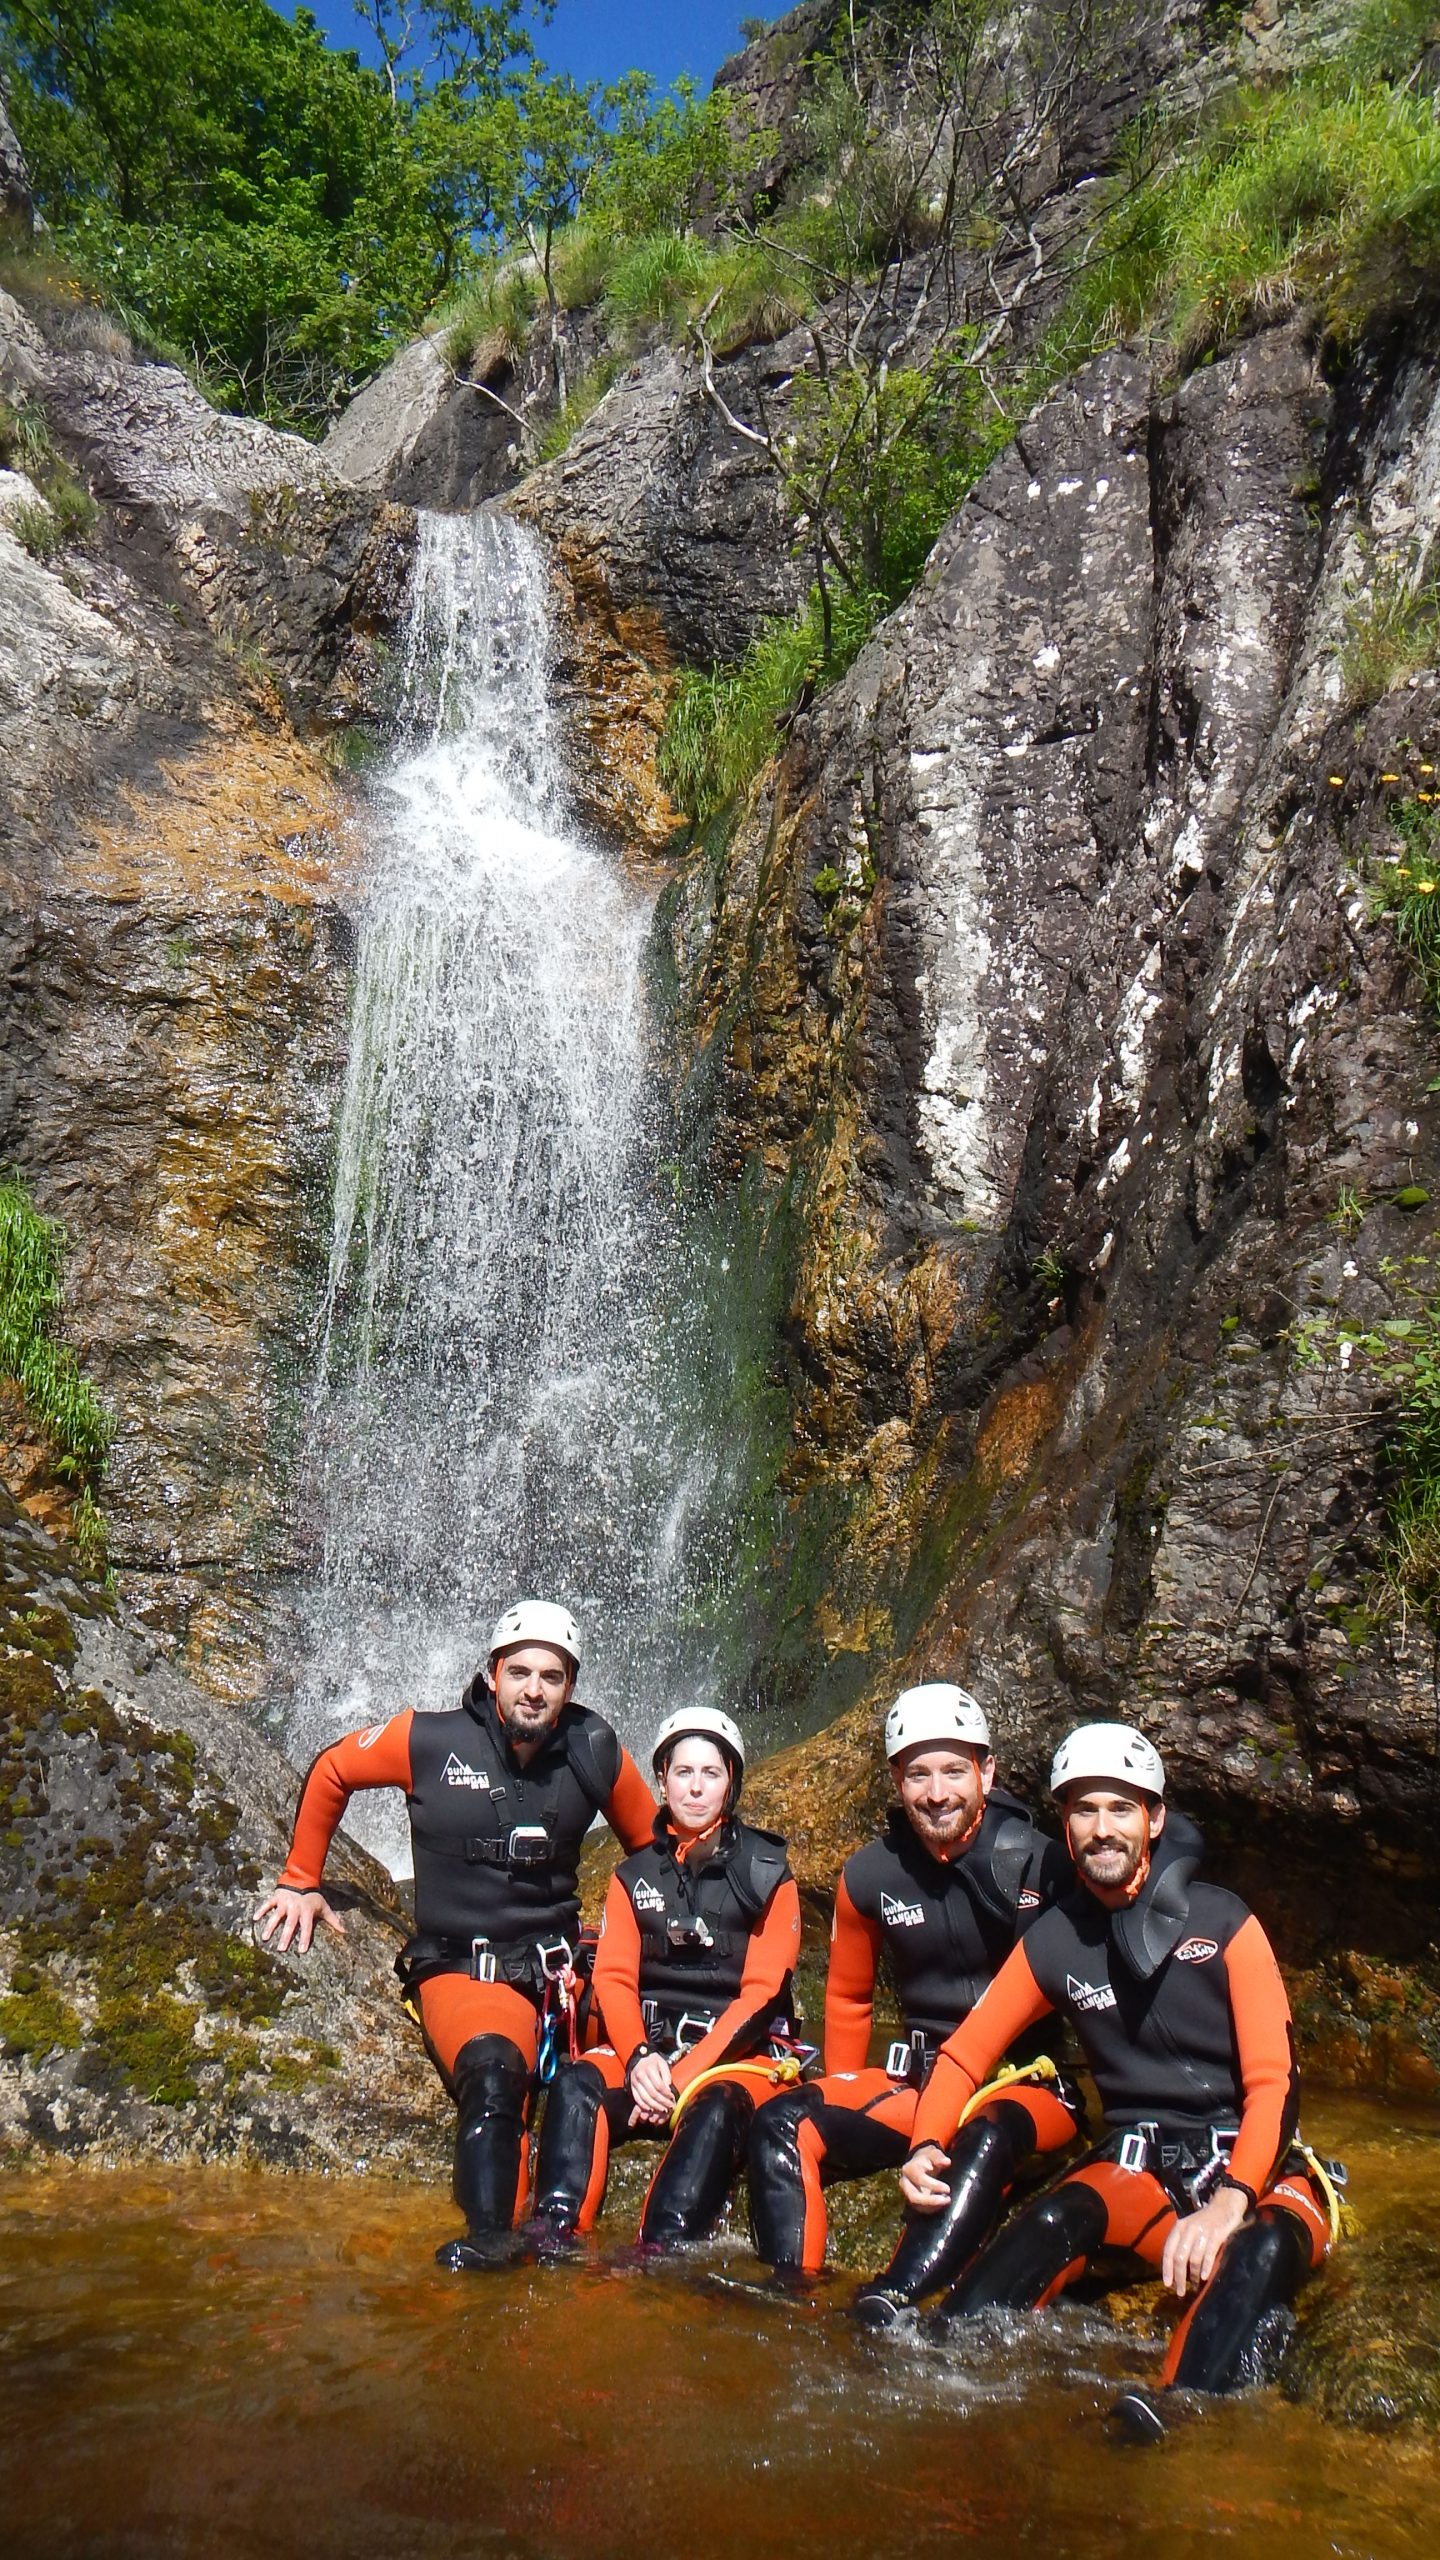 Barranquismo y Descenso de cañones en el río Carangas, Ponga, Asturias